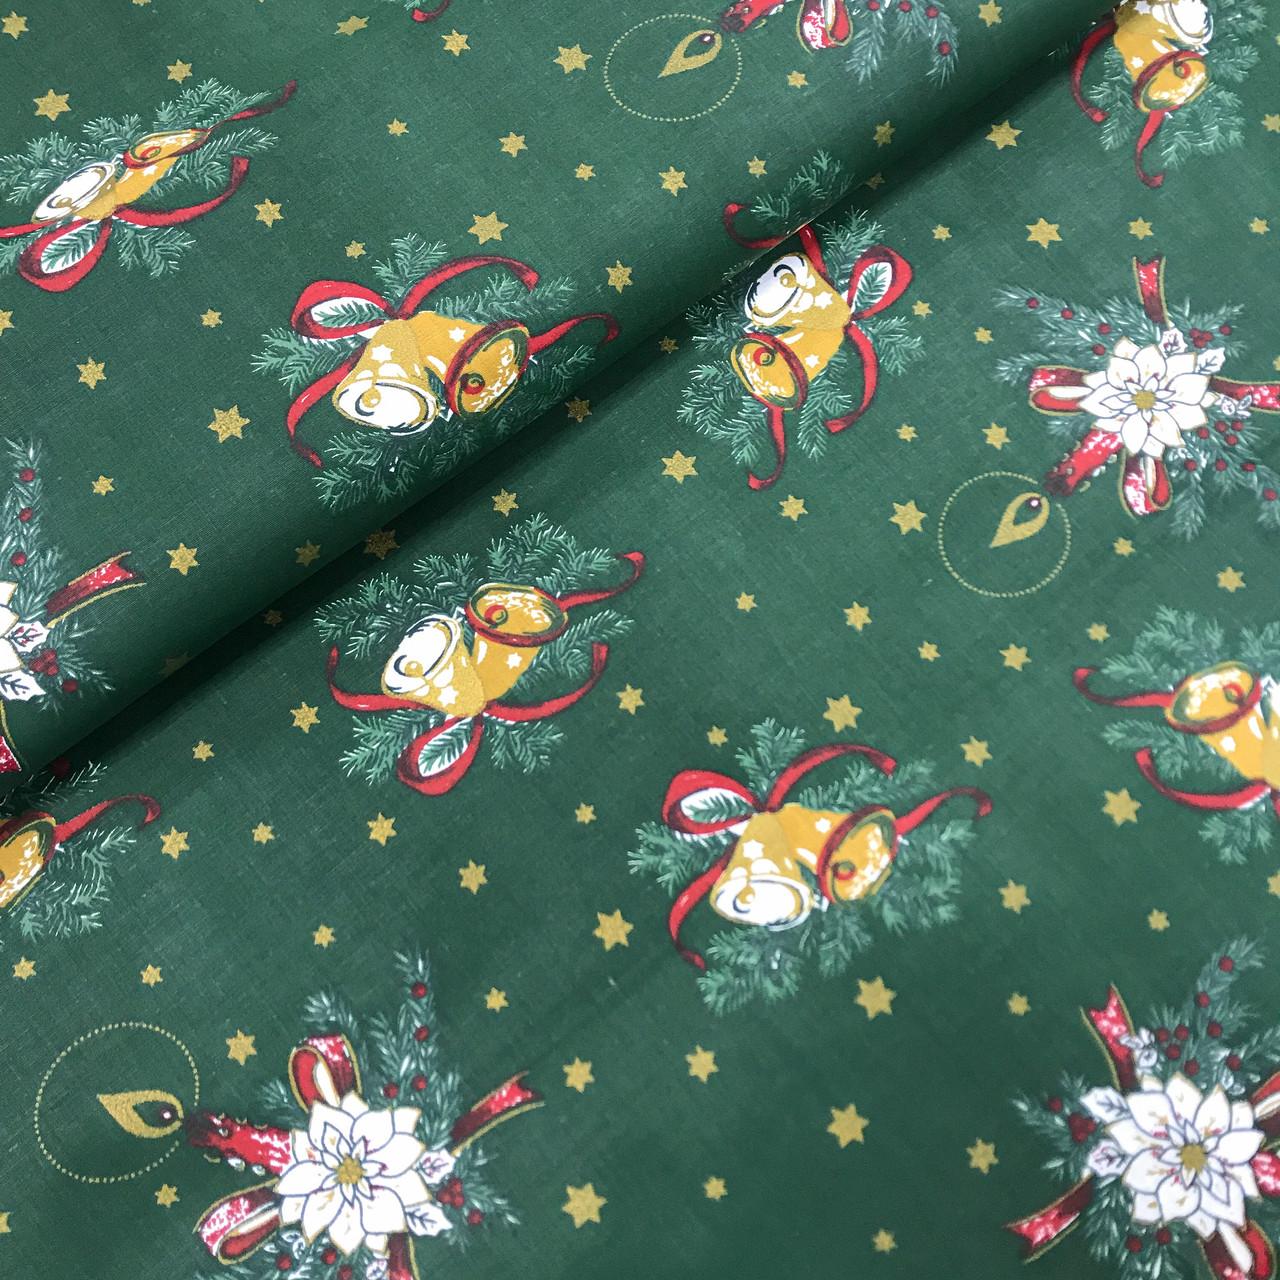 """Польская хлопковая ткань """"Колокольчики со свечкой в еловой ветке на зеленом"""""""